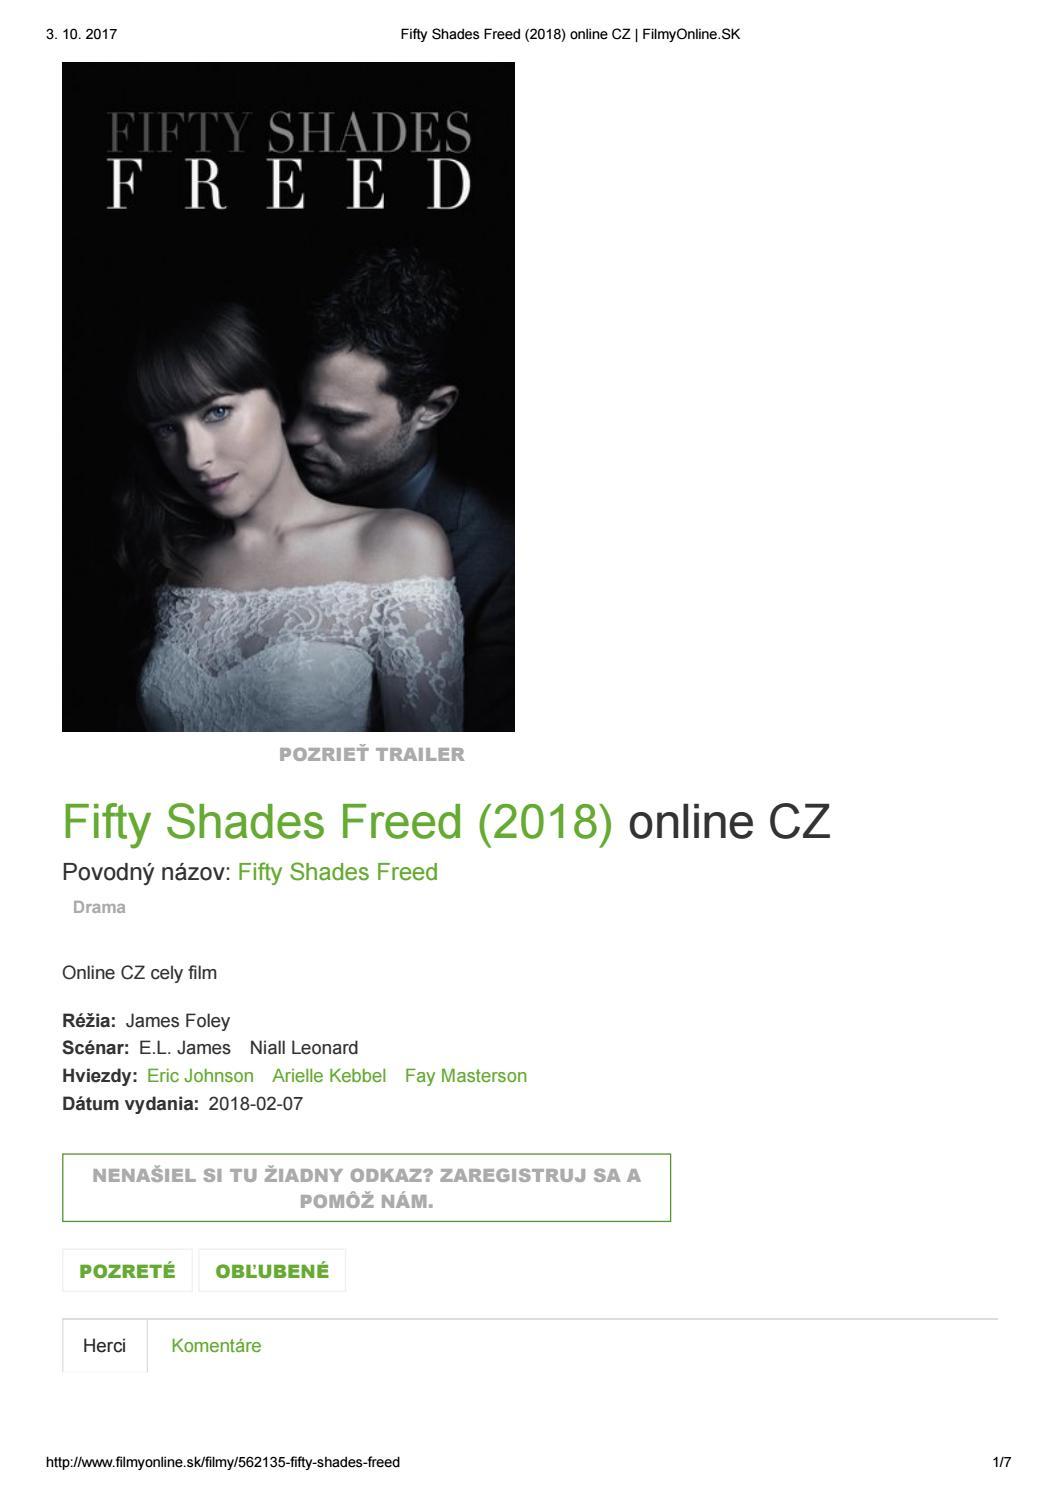 Fifty Shades Freed 2018 Online Cz Www Filmyonline Sk By Andrea Skorova Issuu